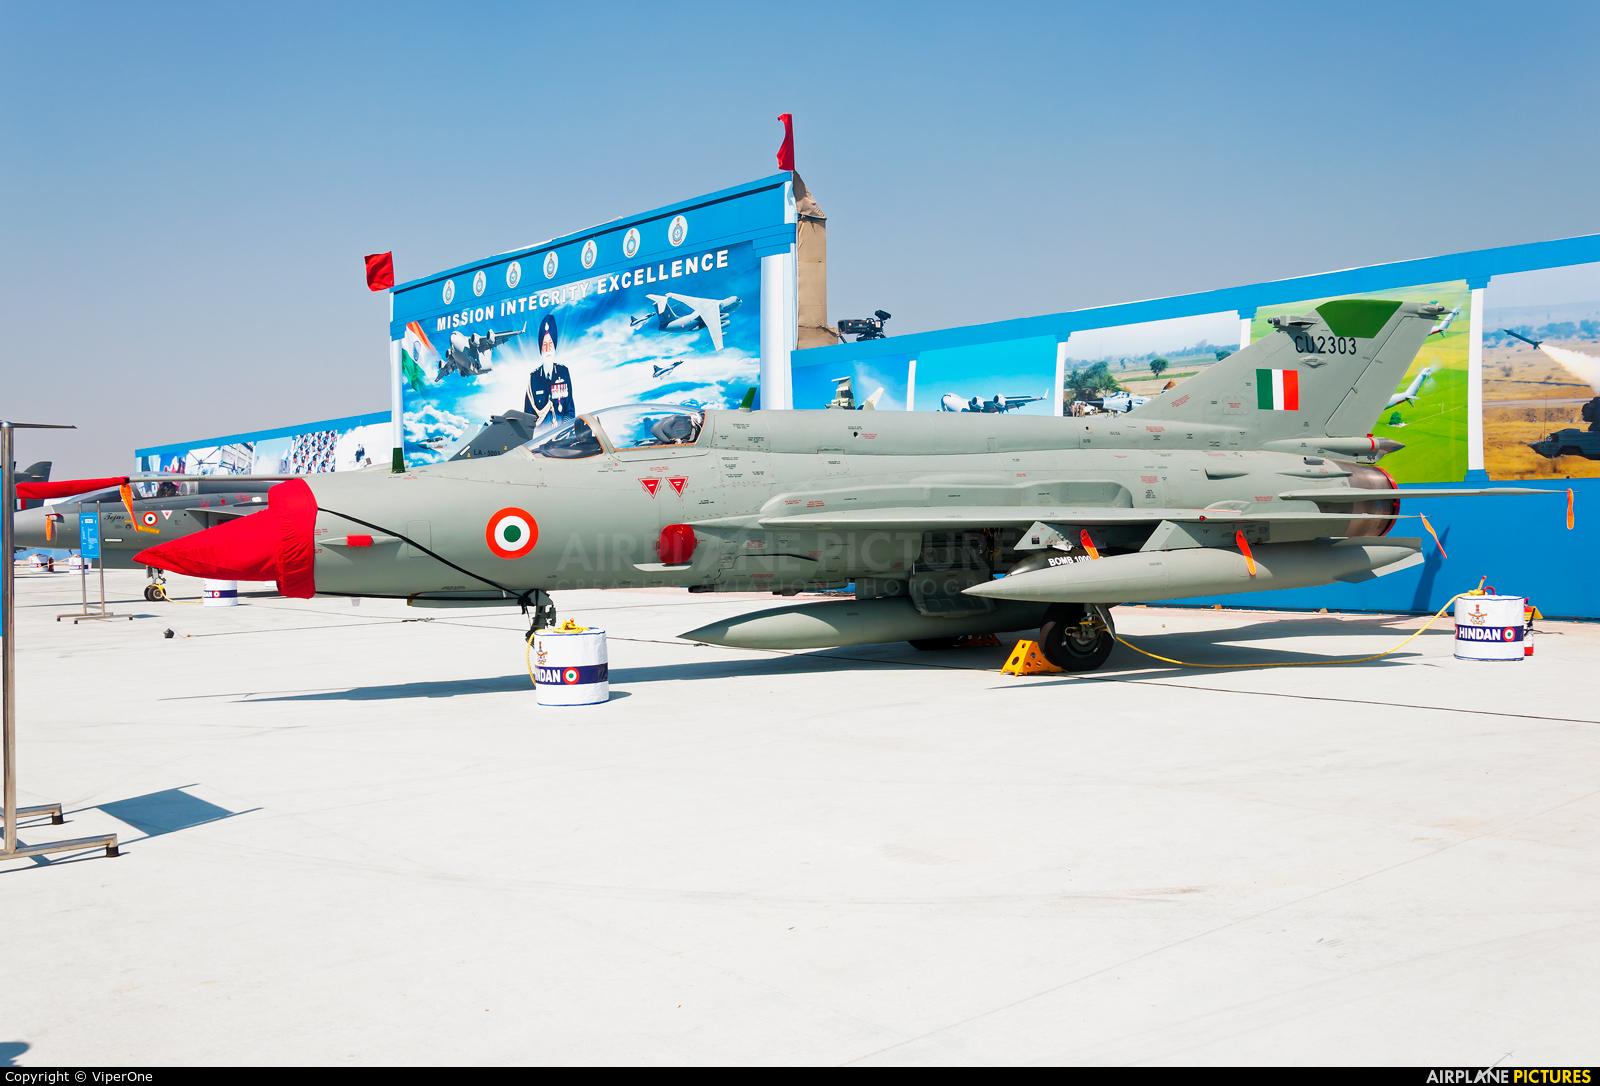 India - Air Force CU2303 aircraft at Hindon AFB